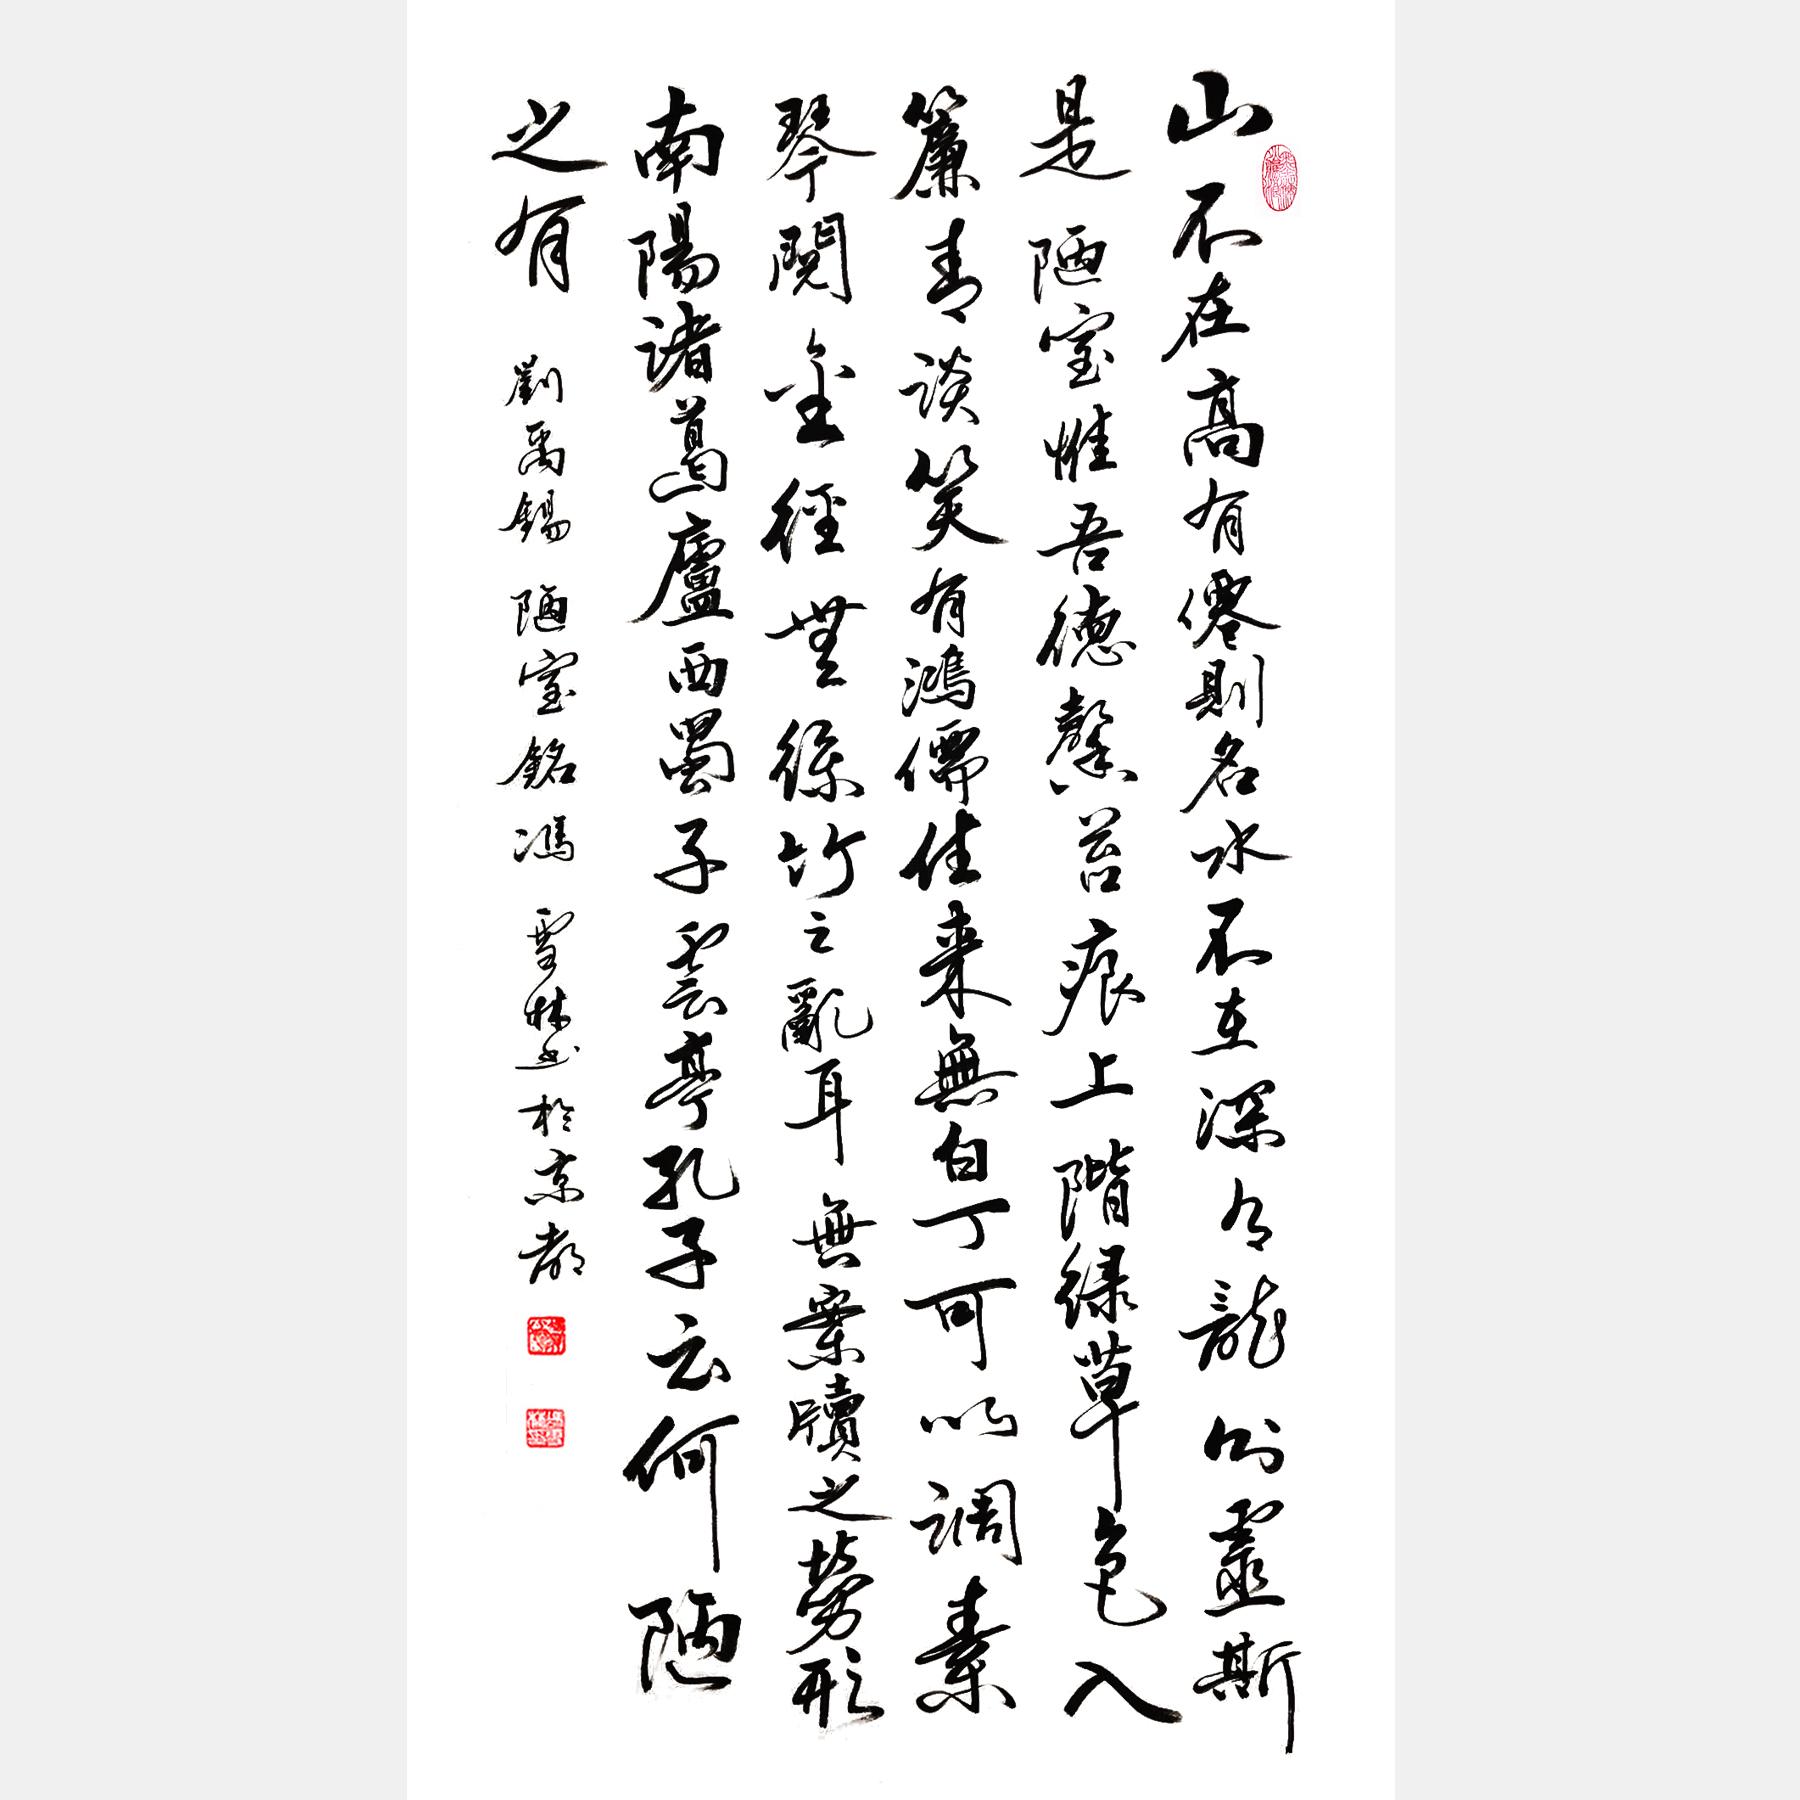 刘禹锡《陋室铭》行书书法作品 古文名篇 四尺条幅